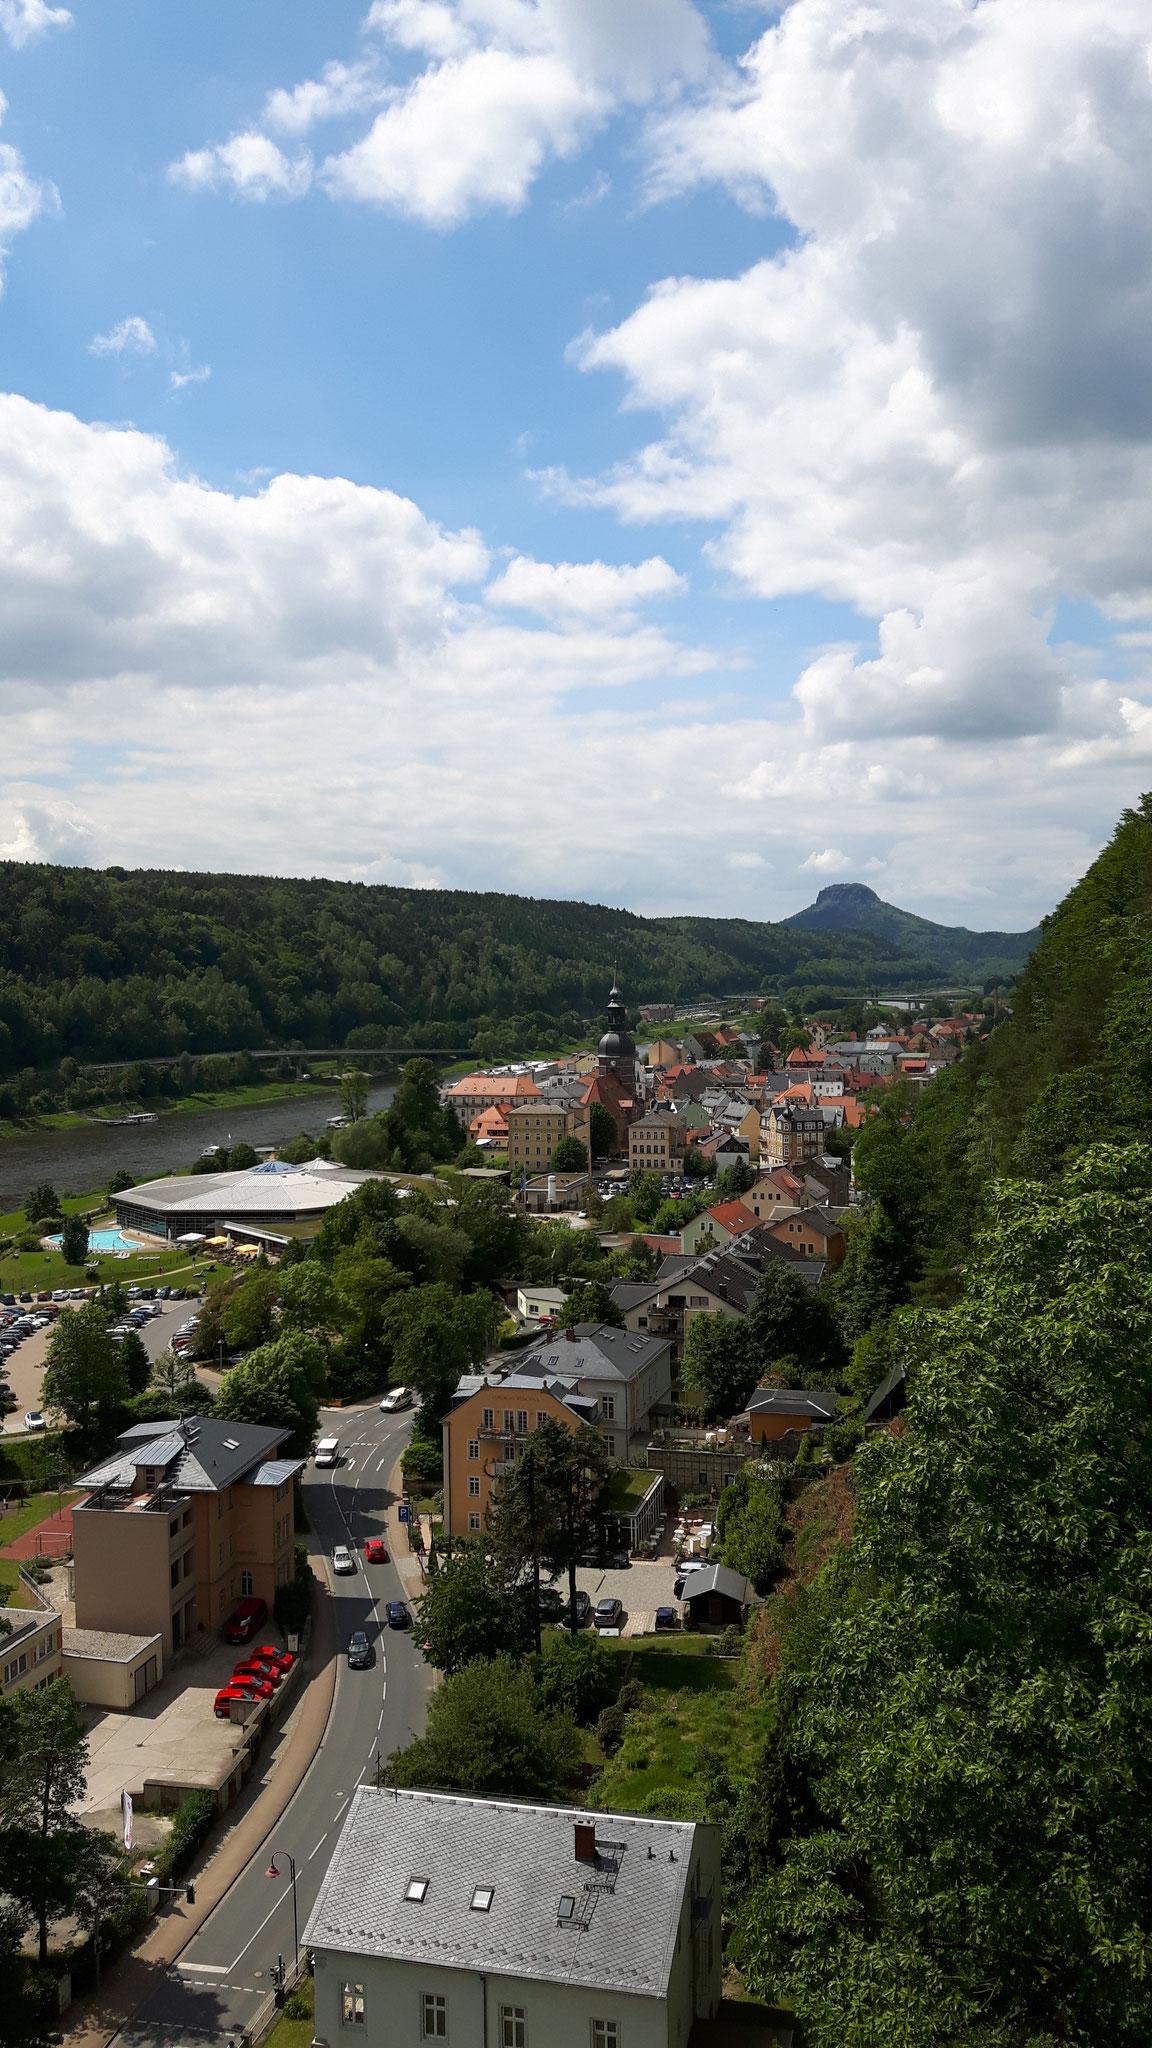 Blick auf Bad Schandau von einem Wanderweg